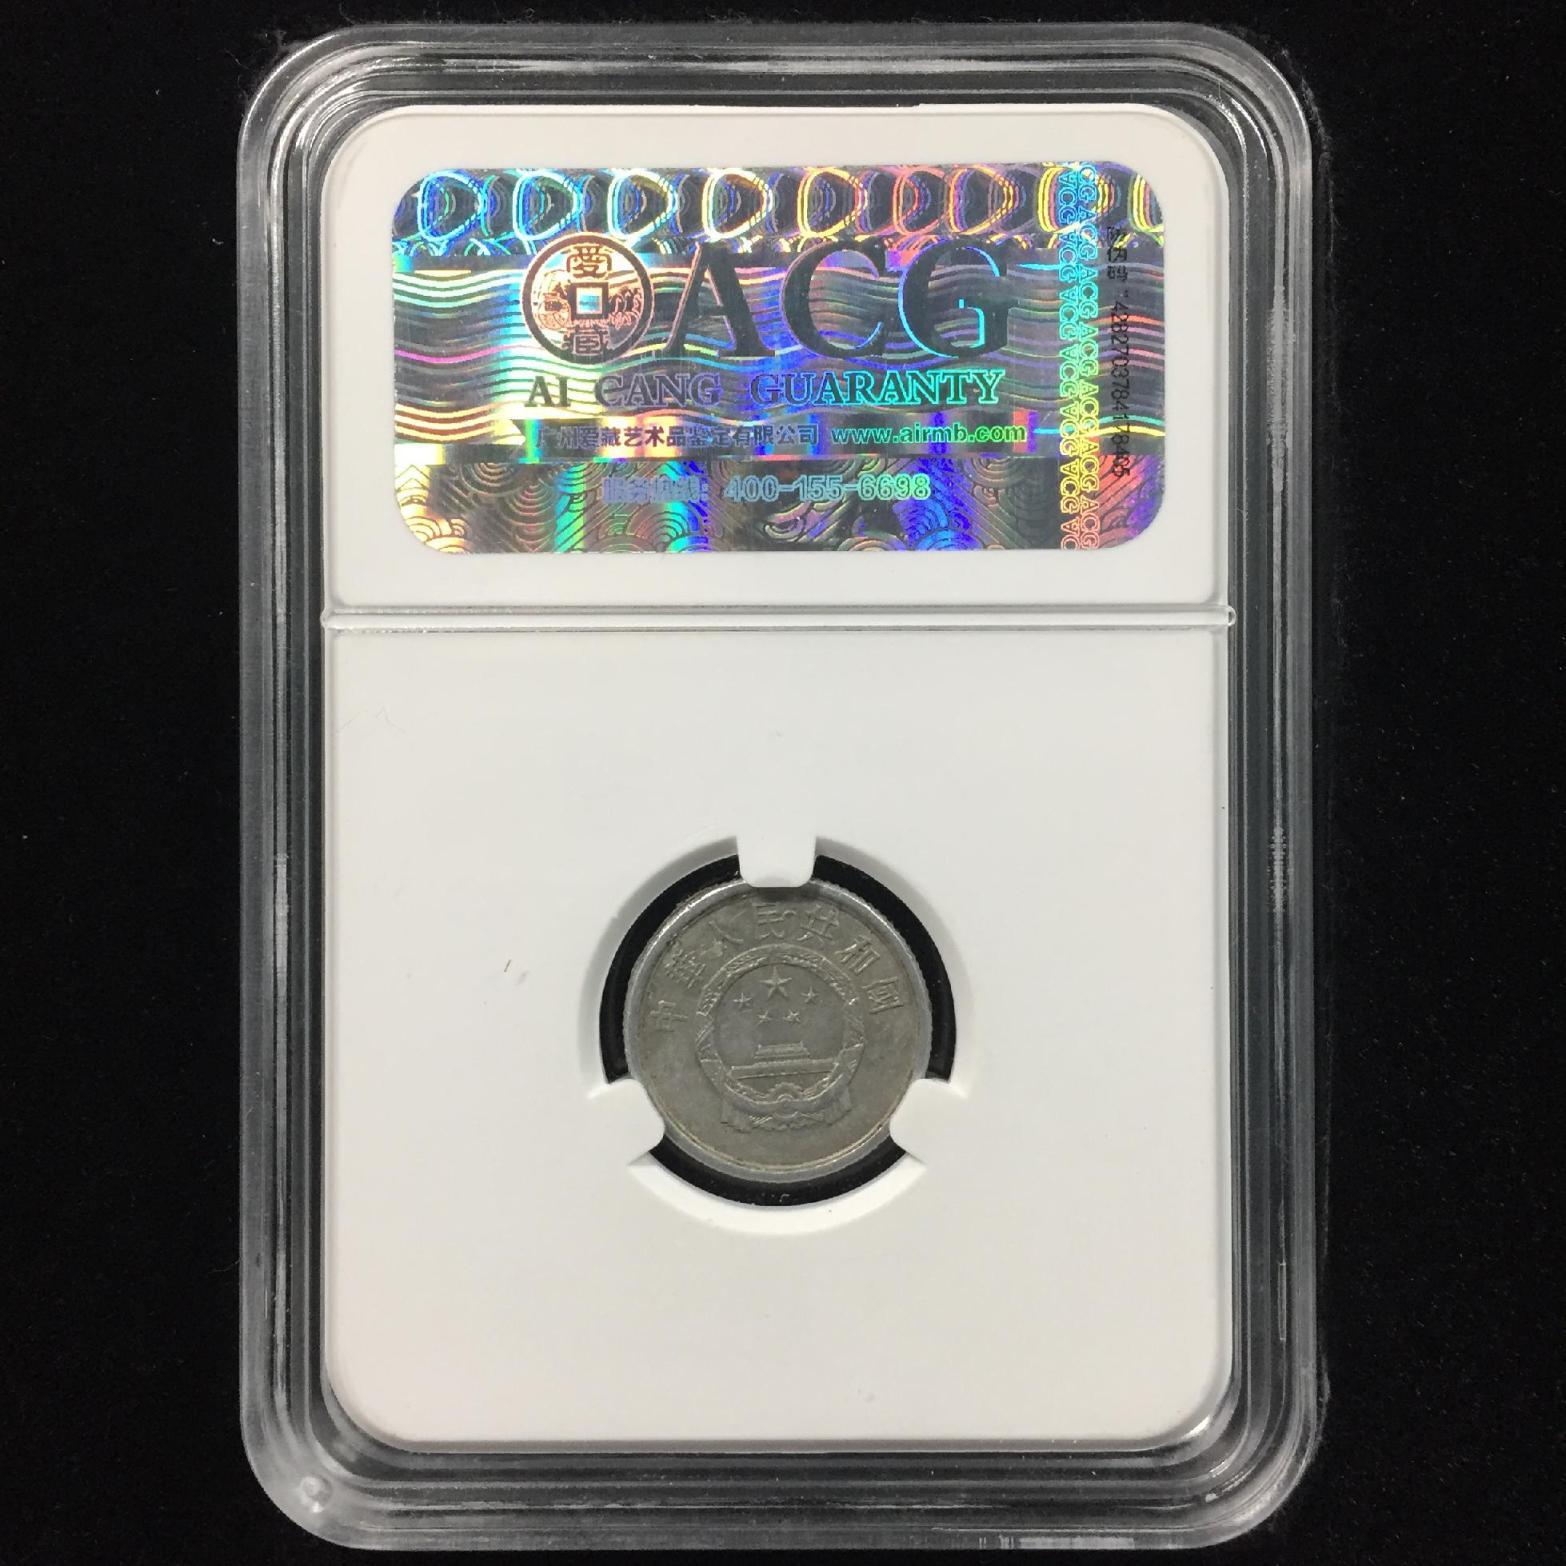 多肉币→1986年1分硬币→ACG鉴定证书-10762797